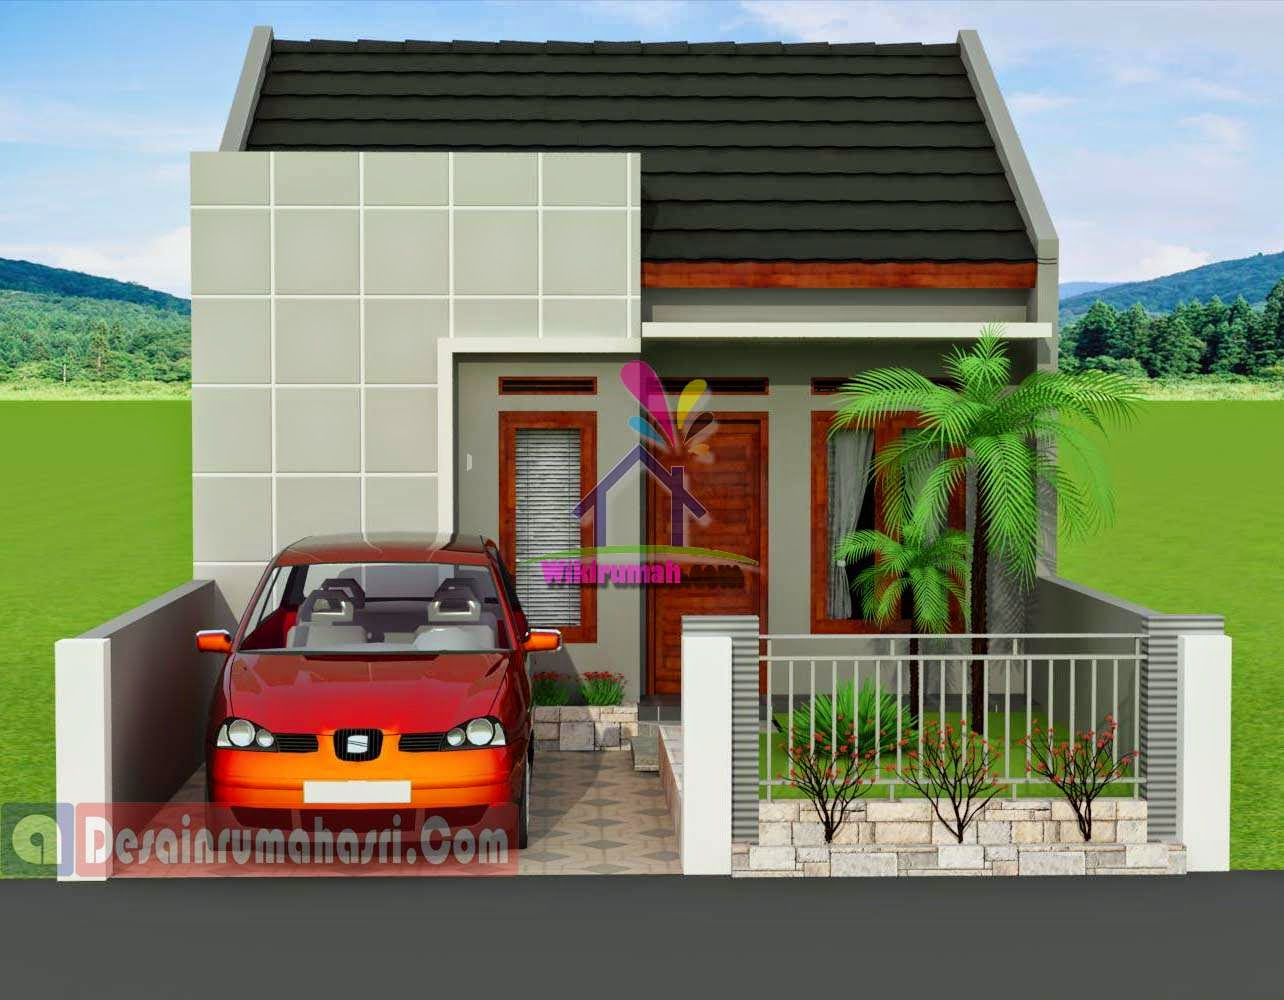 aplikasi desain rumah terbaik gratis software full versi - bucomtech